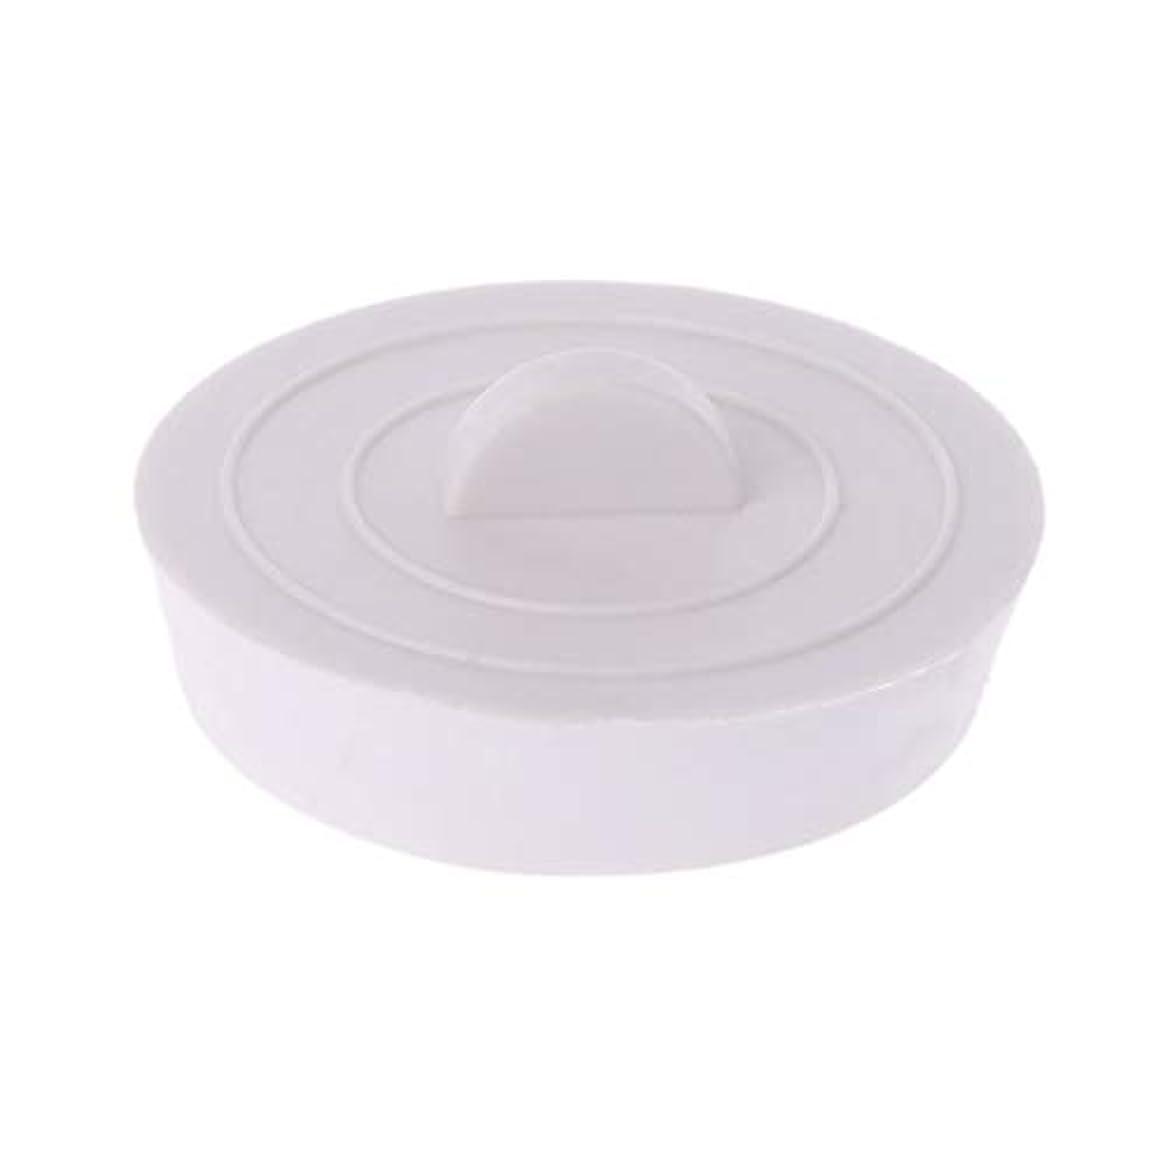 慰め記述するレーザLamdooシリコン浴槽シンク洗面台プラグストッパー排水ストップホームキッチンバスルーム